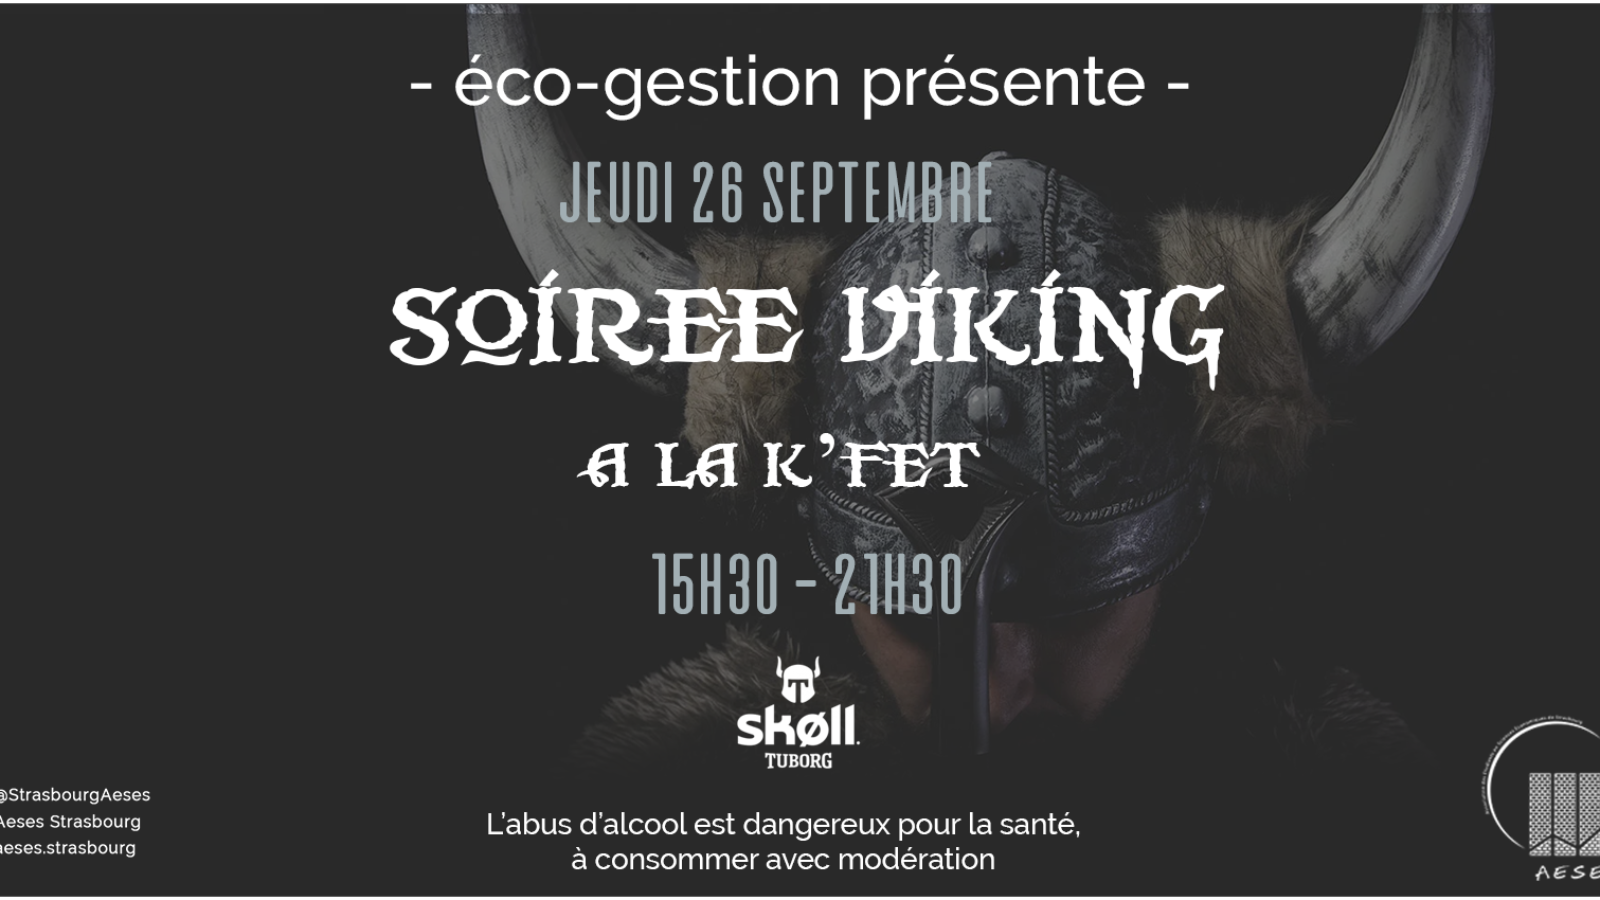 soirée viking format site 1625x850